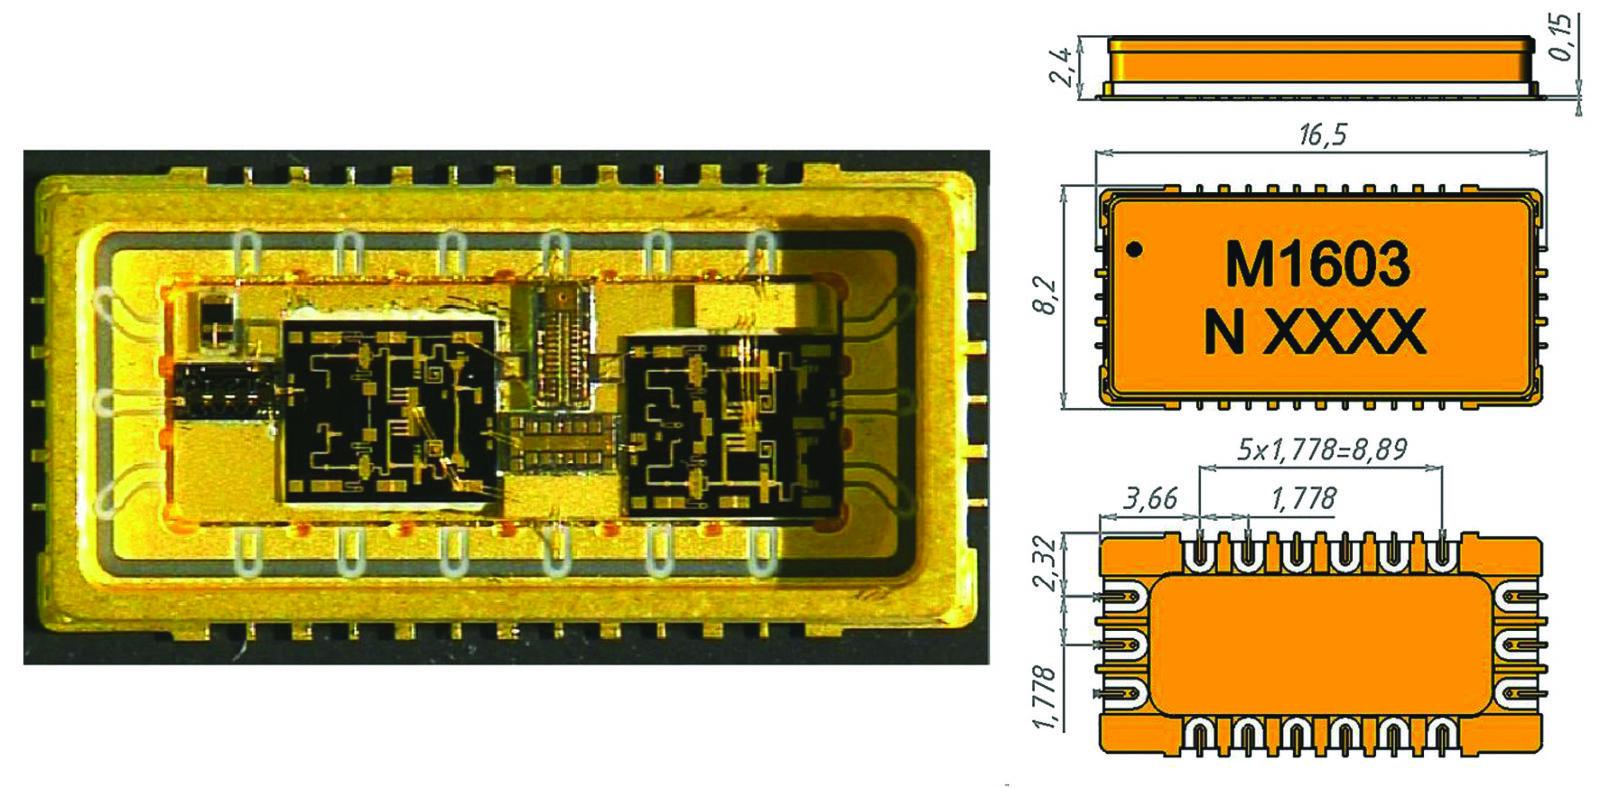 Конструкция интегрального усилительного модуля в корпусе SMD-монтажа. Диапазон частот 5–18 ГГц, выходная мощность 1,5 Вт